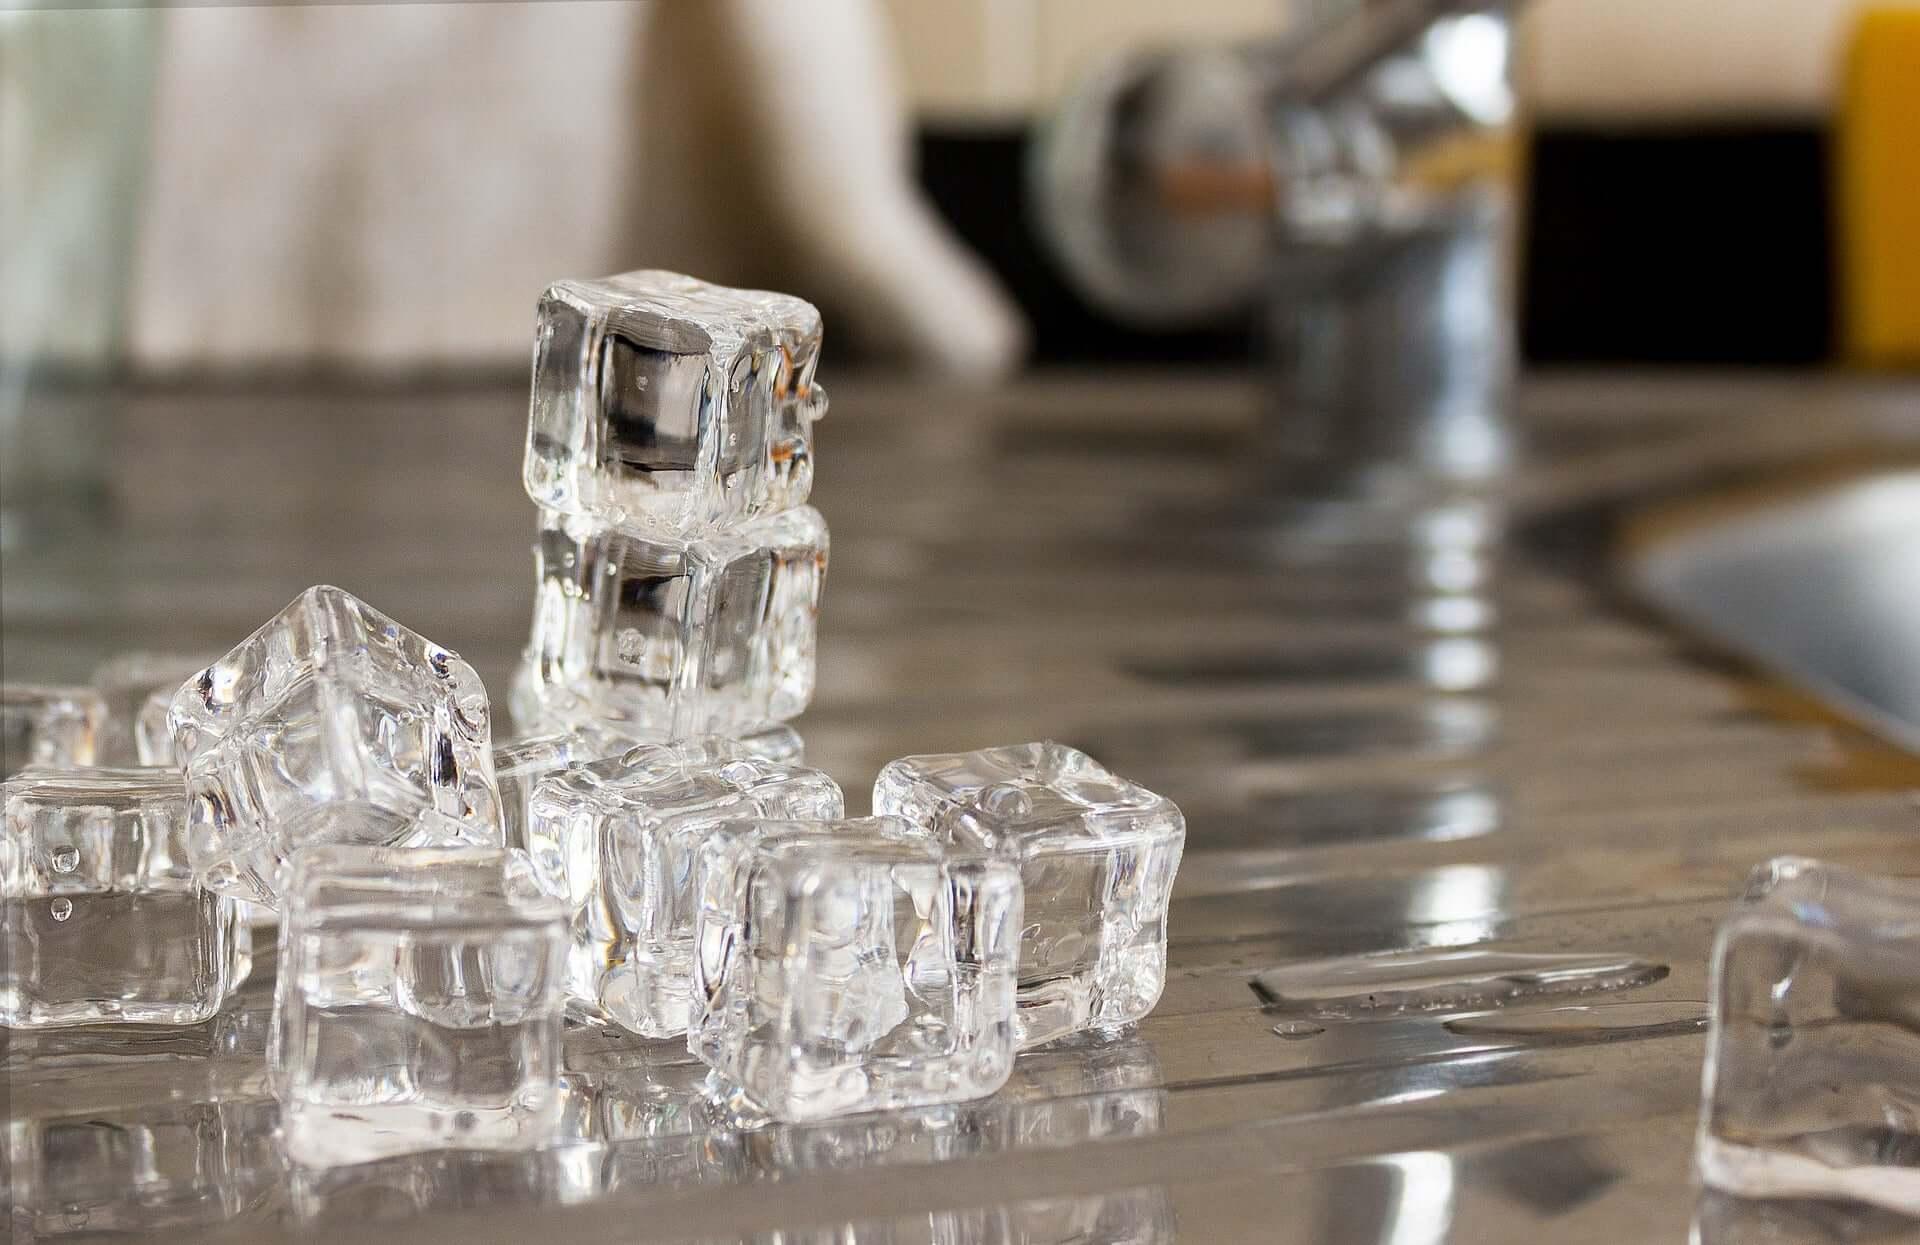 Usos alternativos dos cubos de gelo: reduzir a dor da depilação